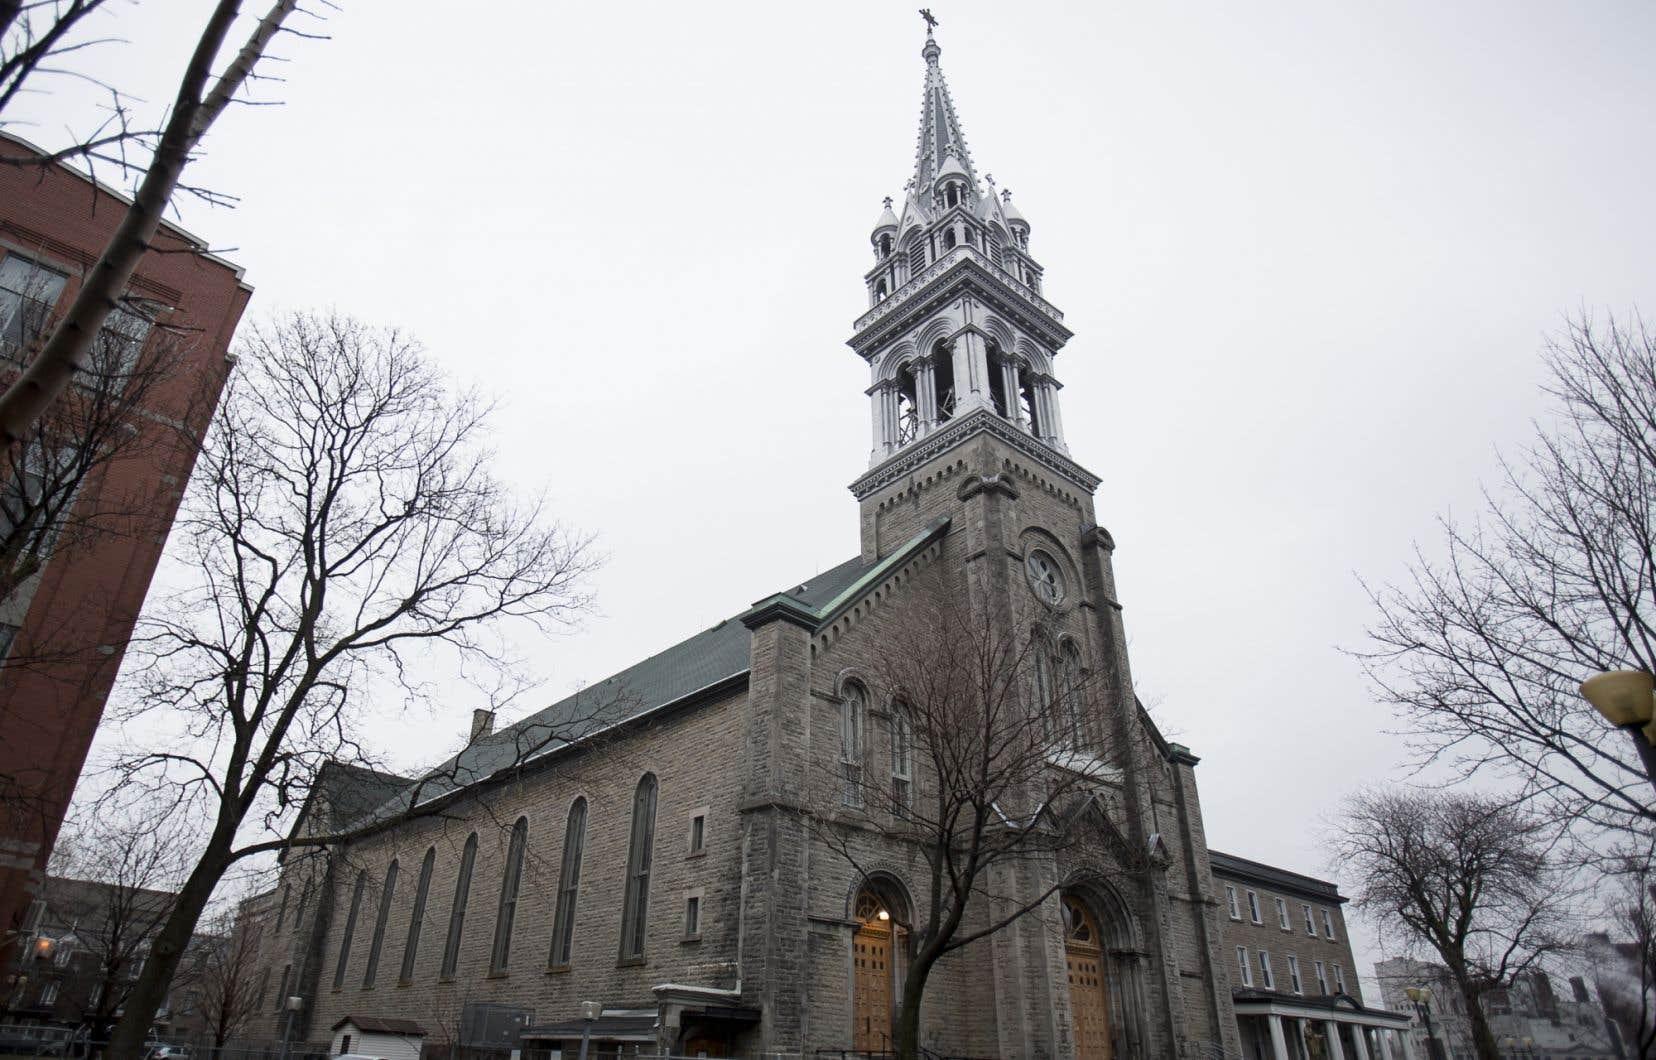 Les Églises, en particulier l'Église catholique romaine, ne peuvent plus et ne veulent plus consacrer de ressources au maintien de ce patrimoine.